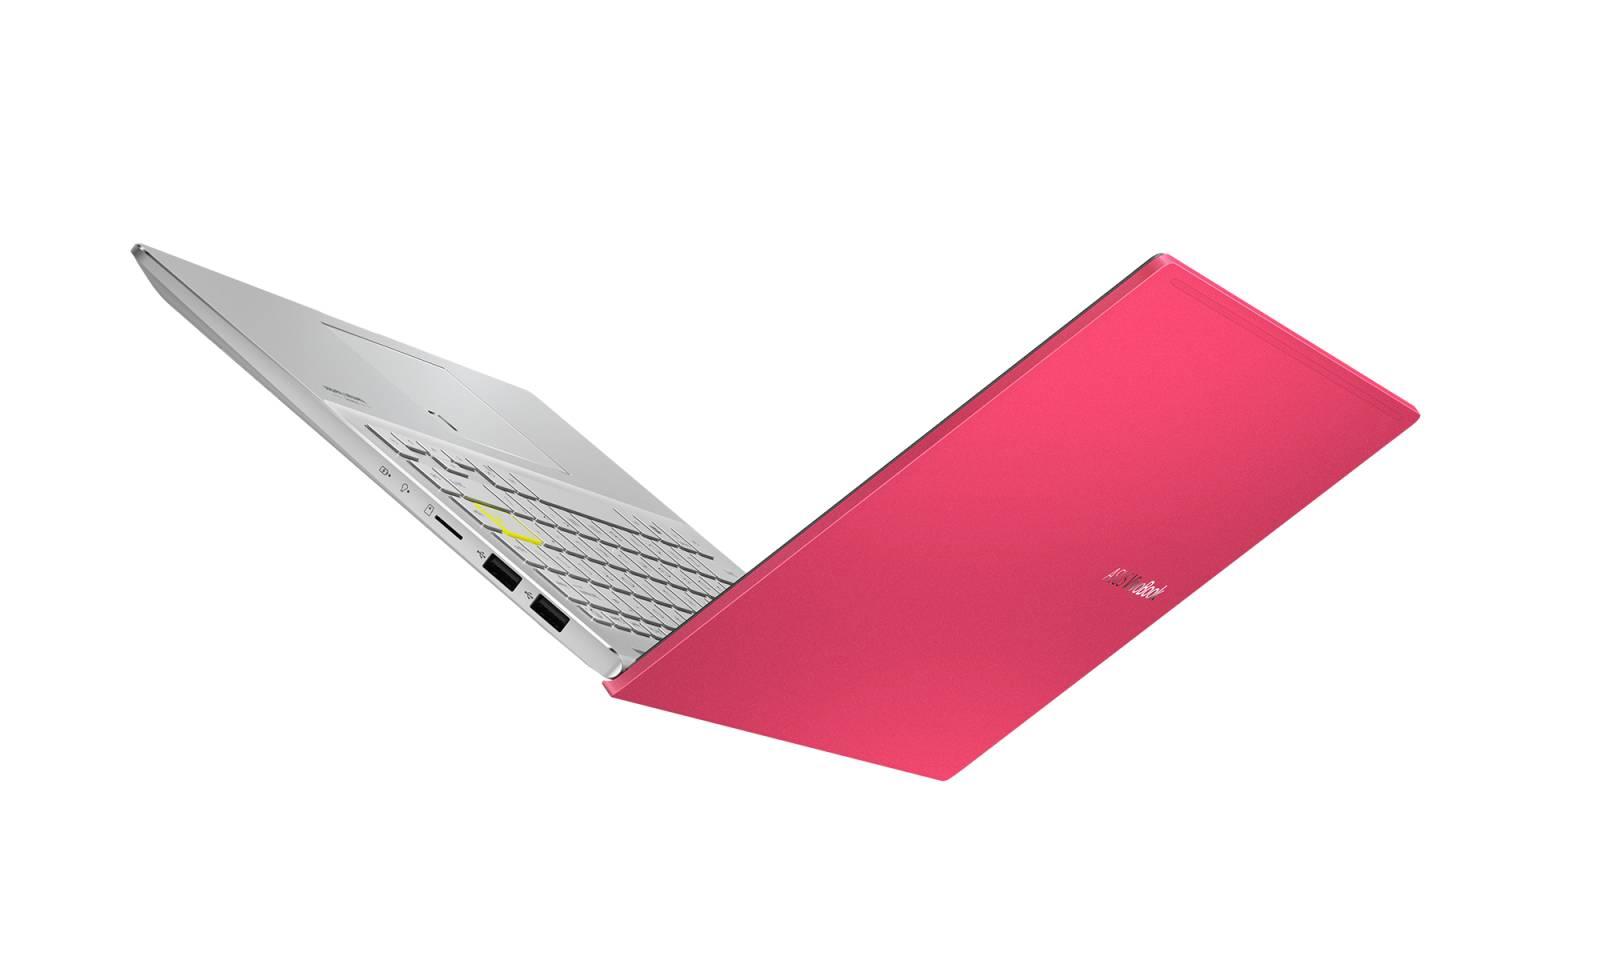 ASUS VivoBook S13/S14/S15 (S333/S433/S533)